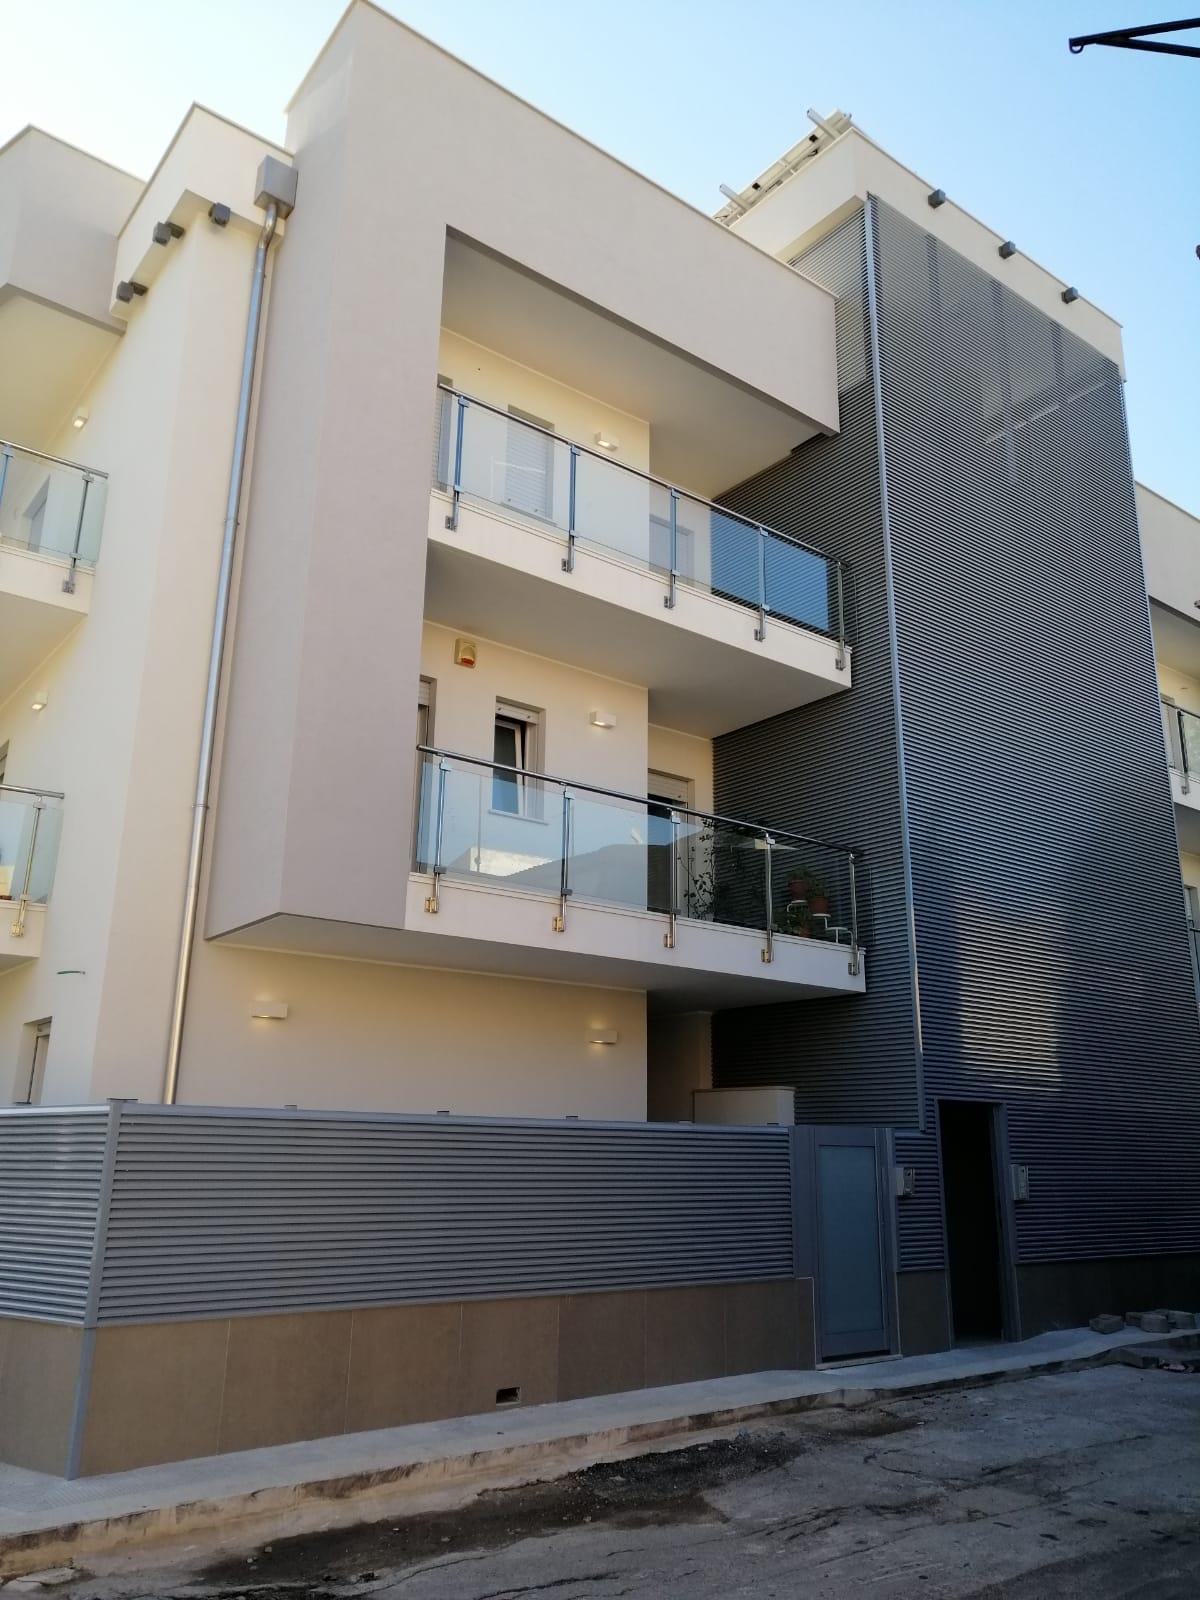 Balconi e ringhiere Bari, Brindisi e in Puglia